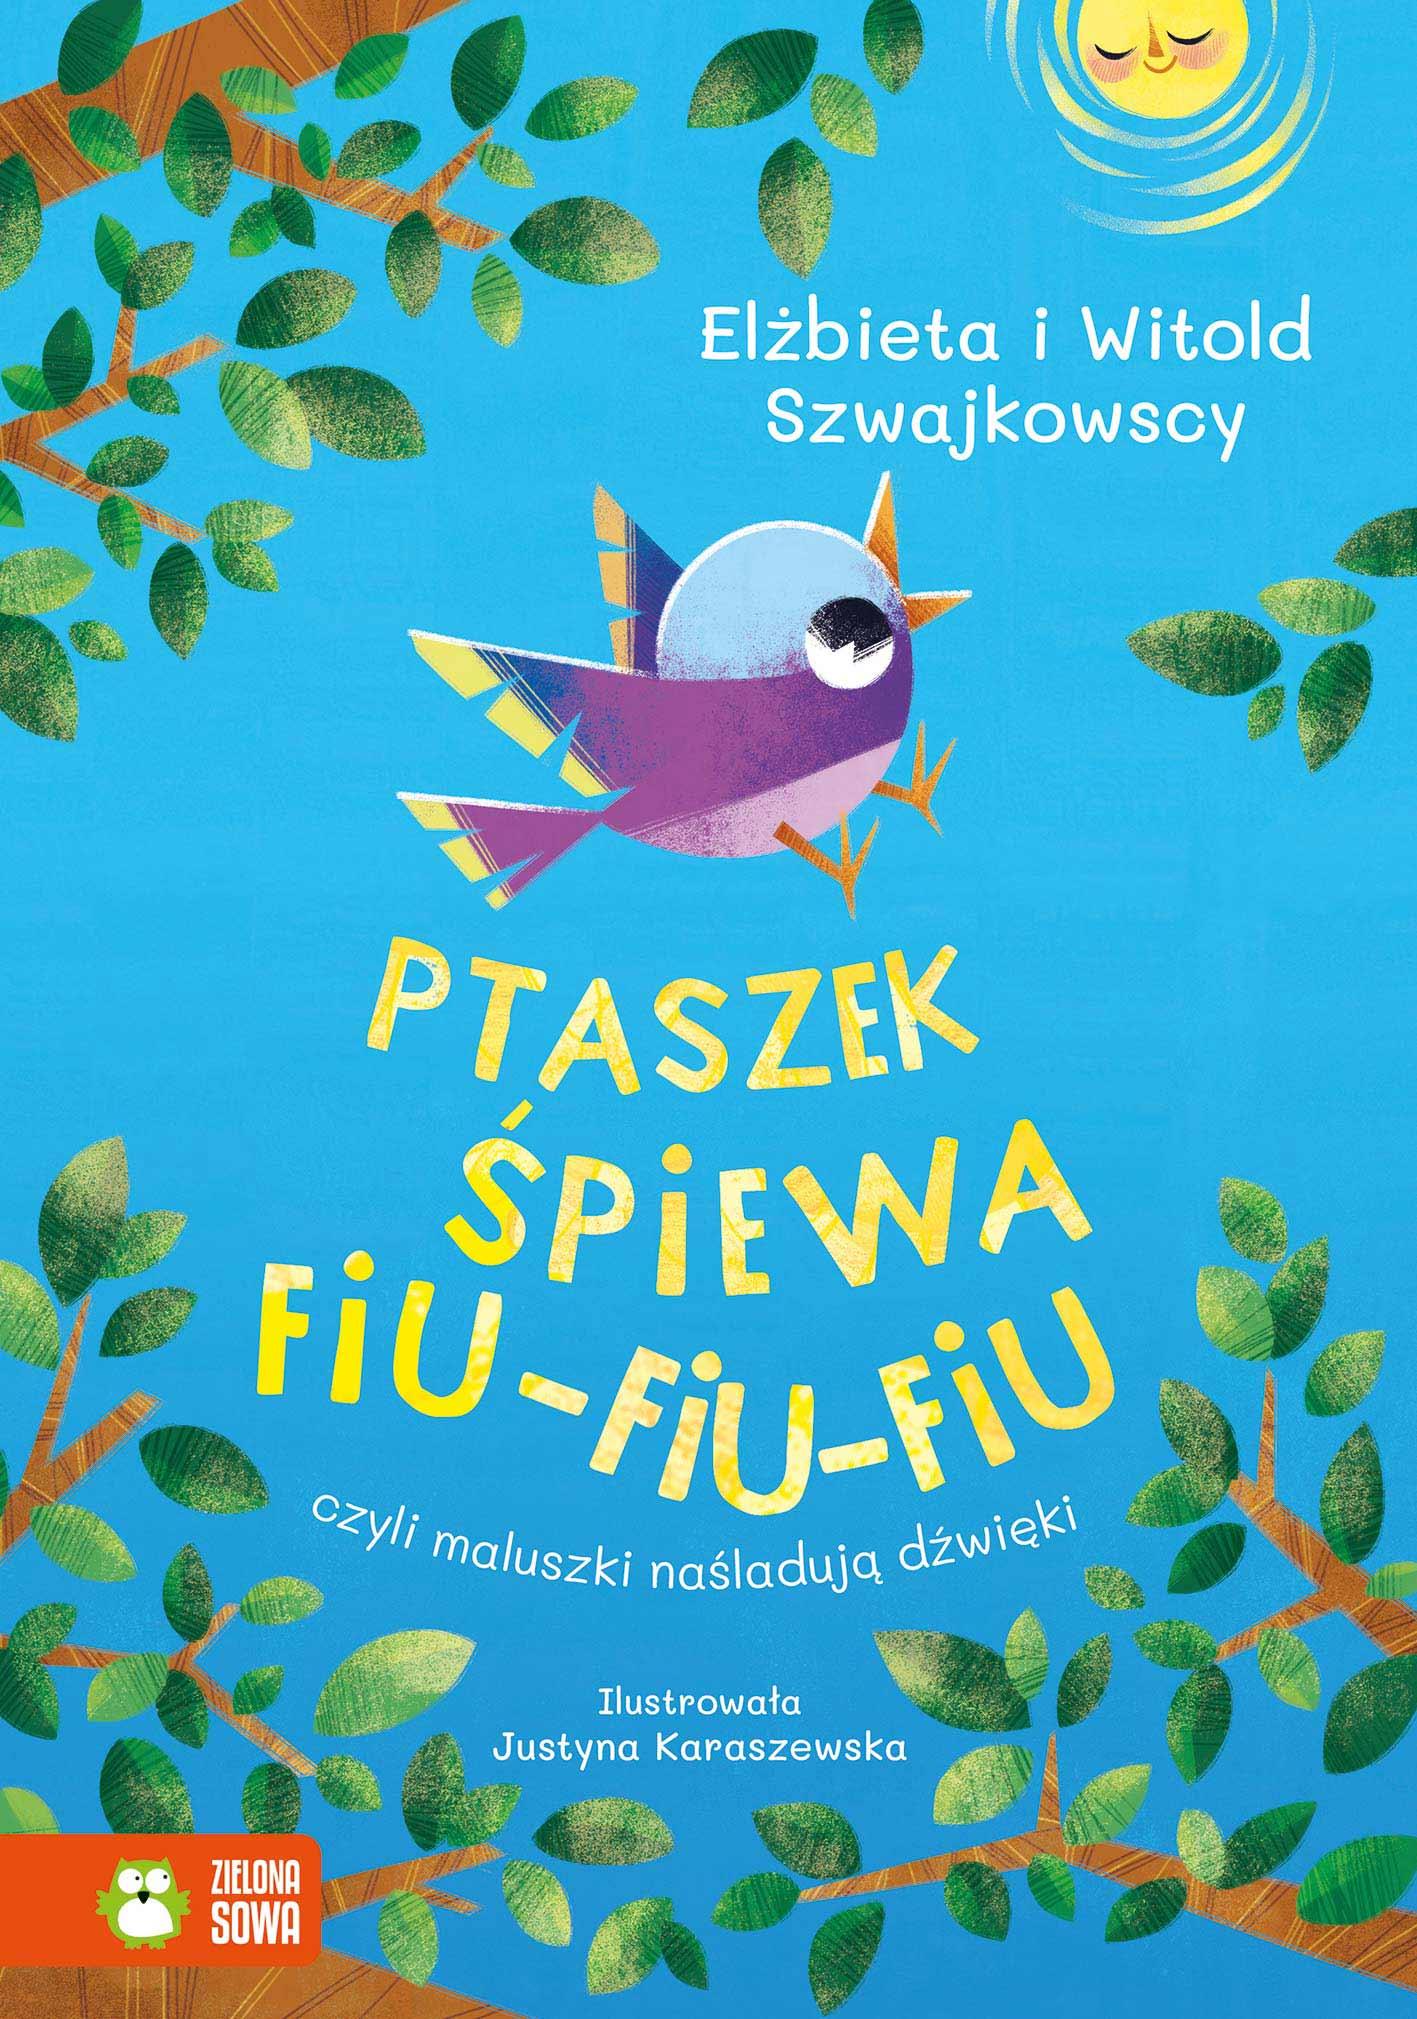 Ptaszek śpiewa fiu-fiu-fiu, czyli maluszki naśladują dźwięki - wierszyki dla dzieci